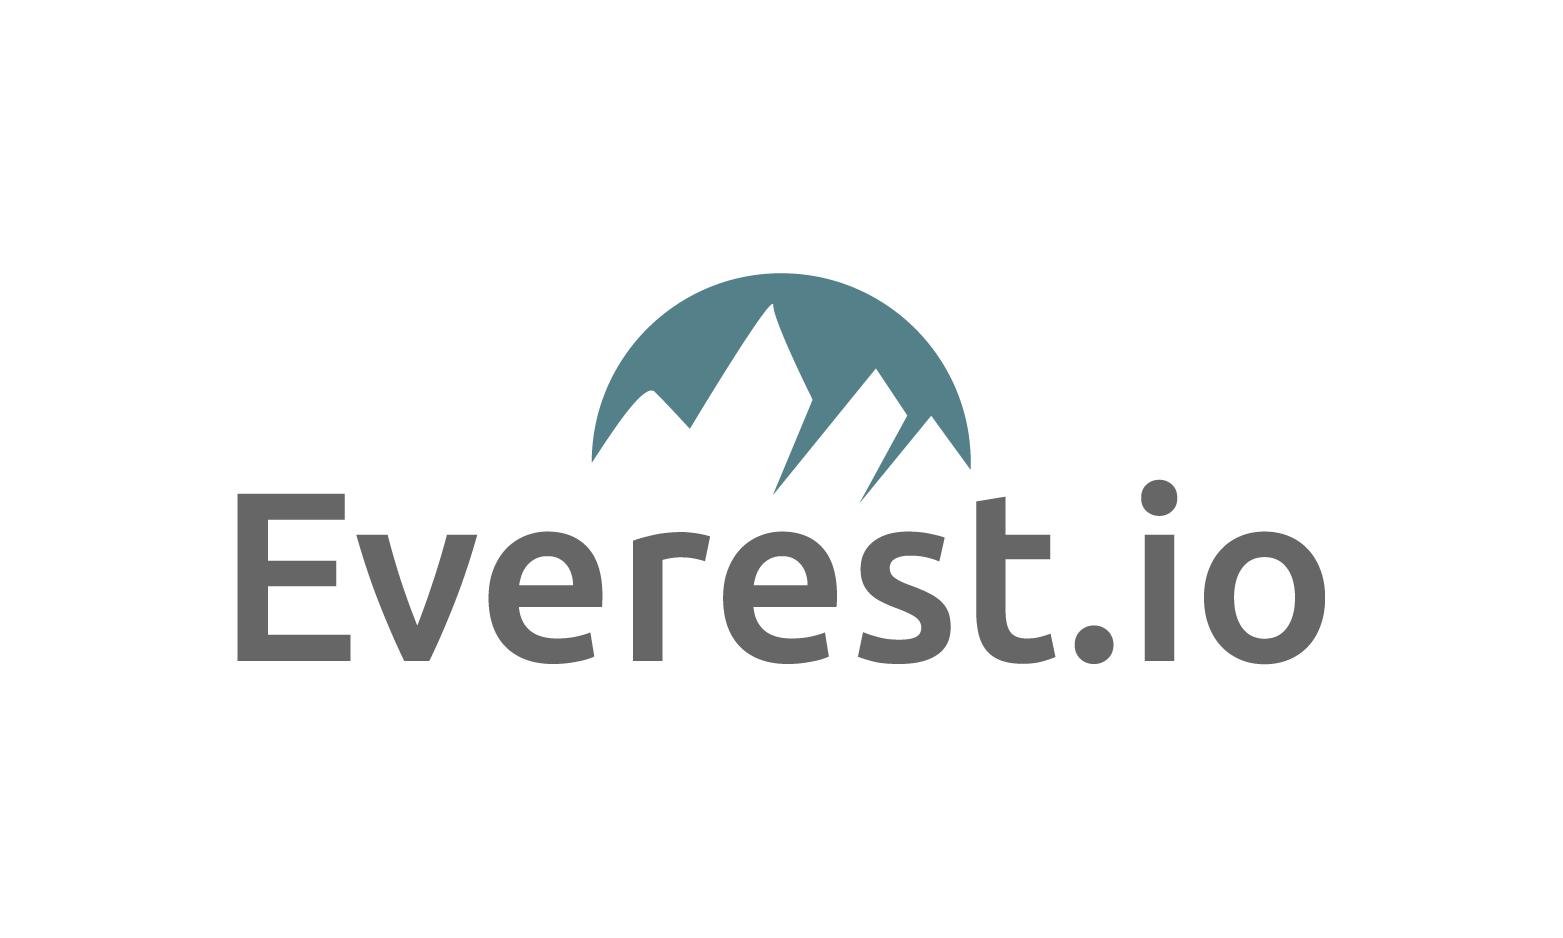 Everest.io